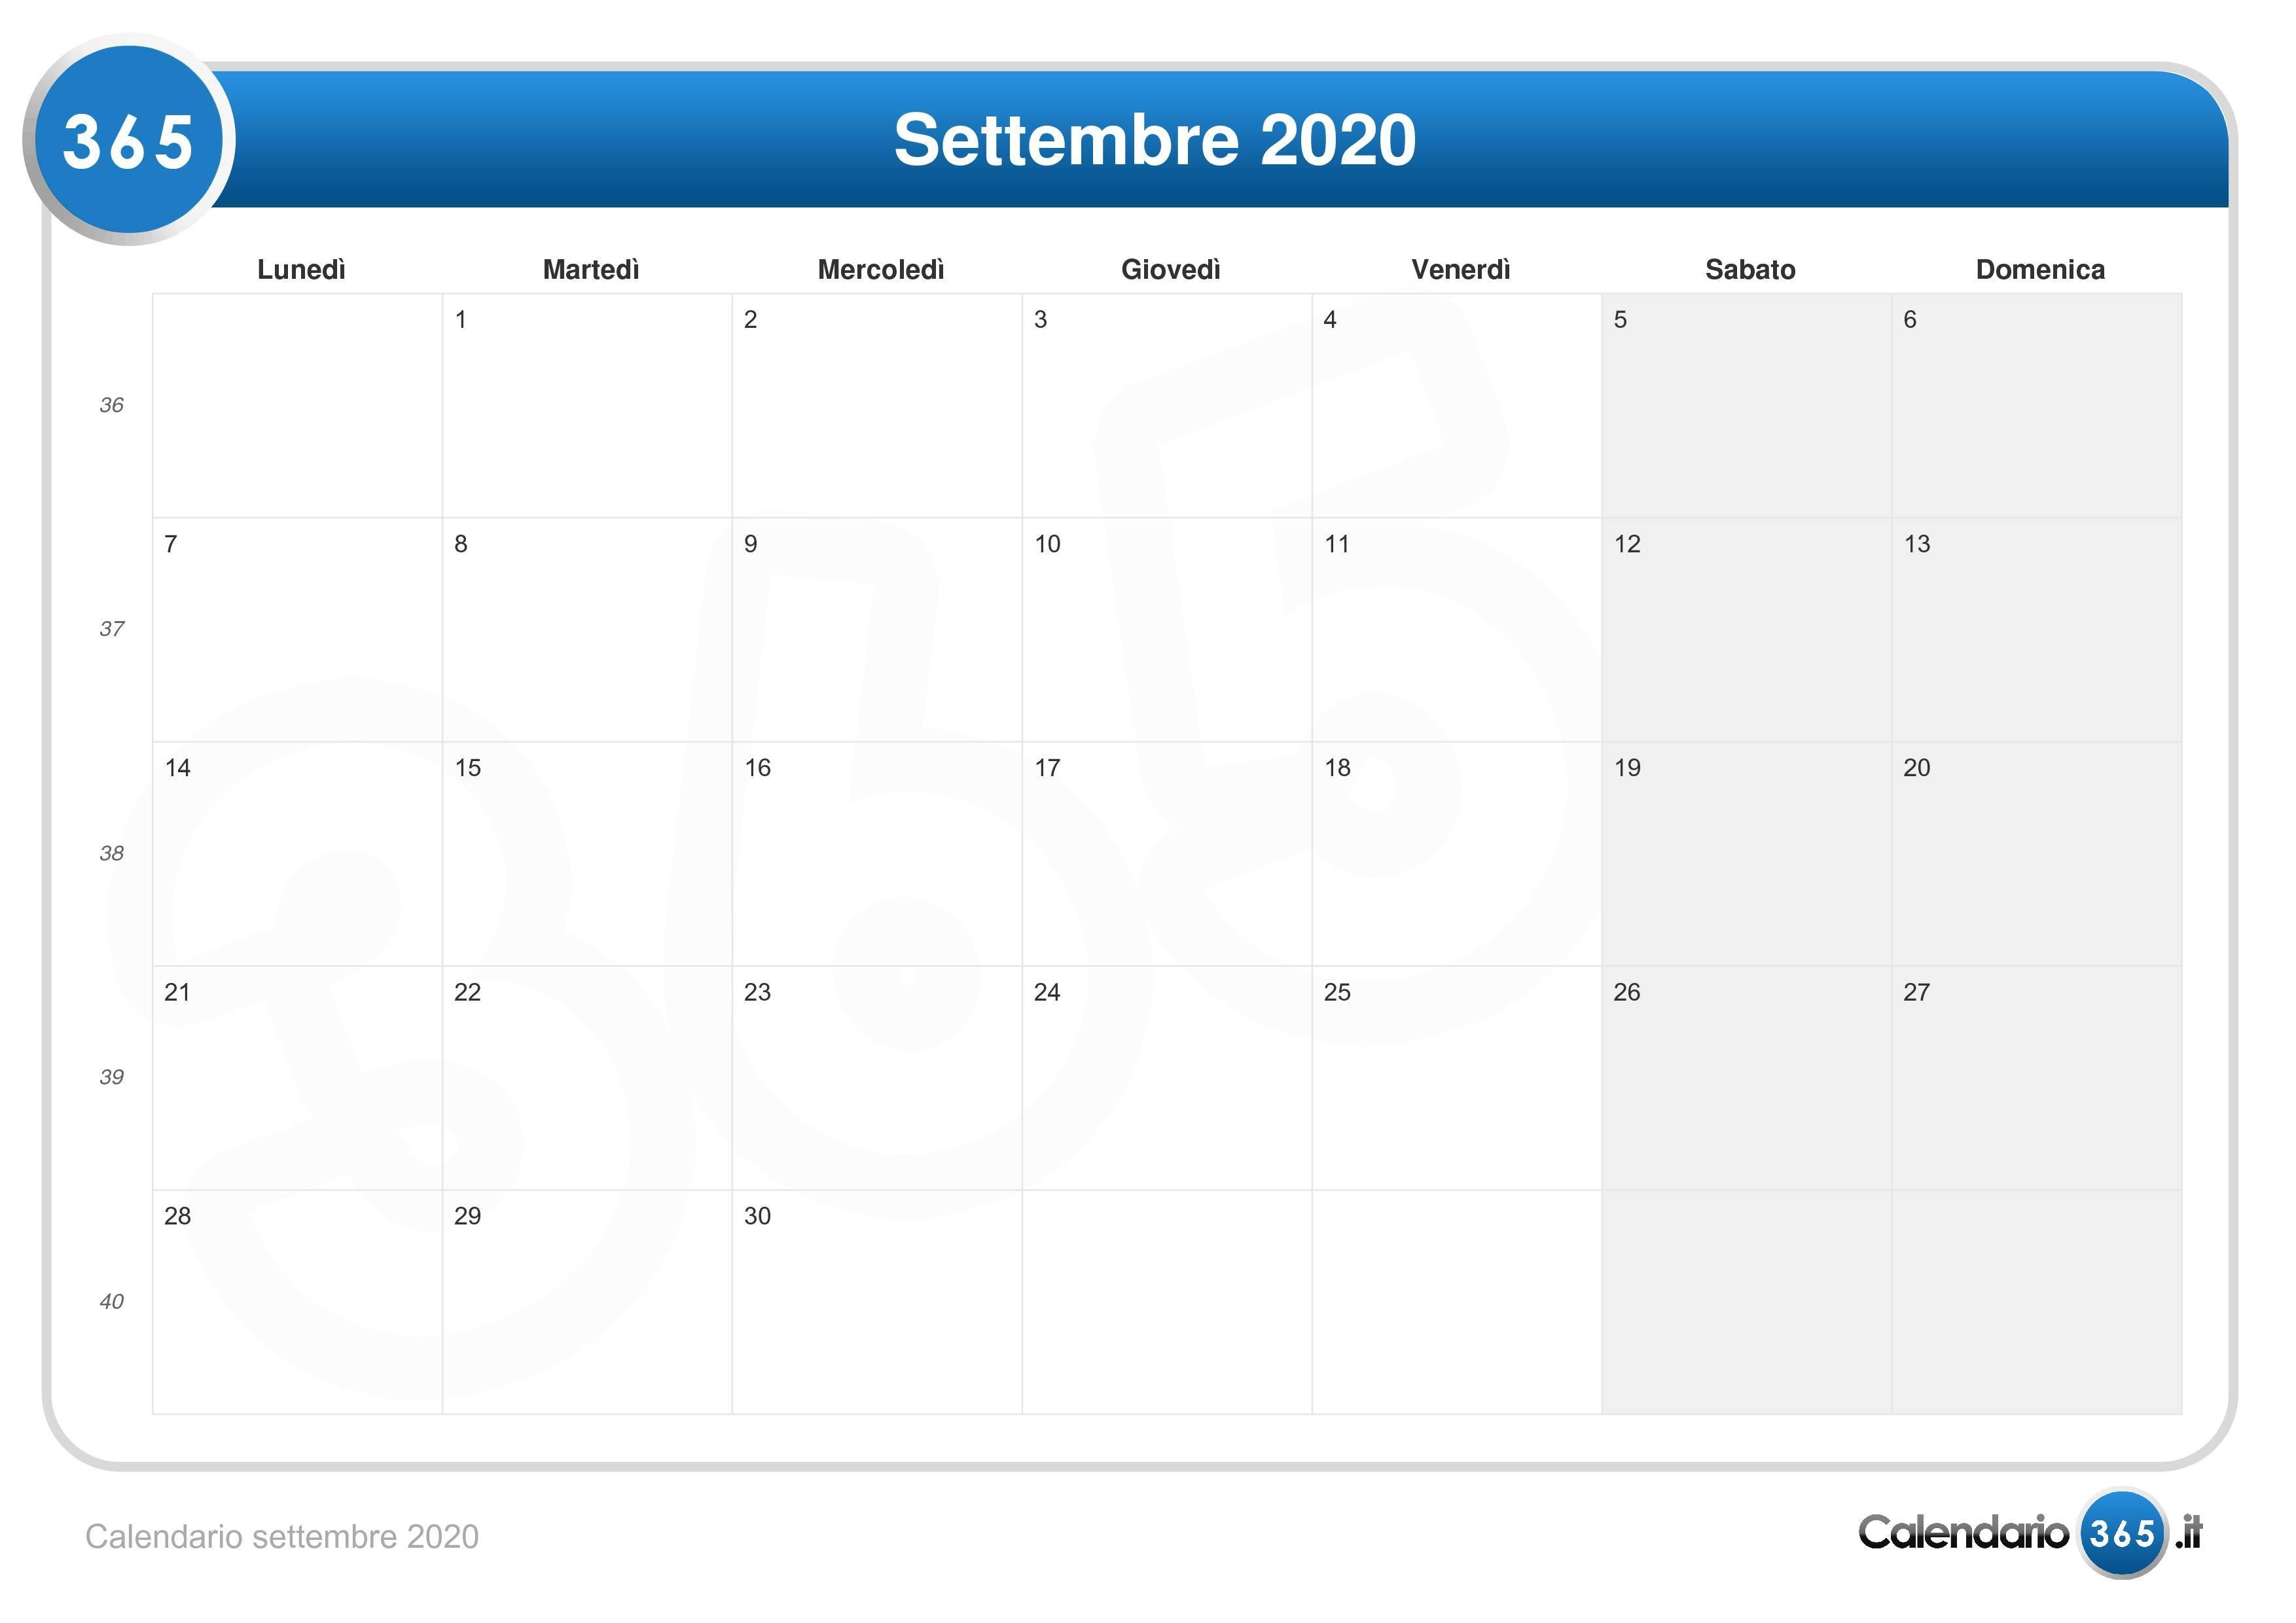 Calendario Fiscale 2020.Calendario Settembre 2020